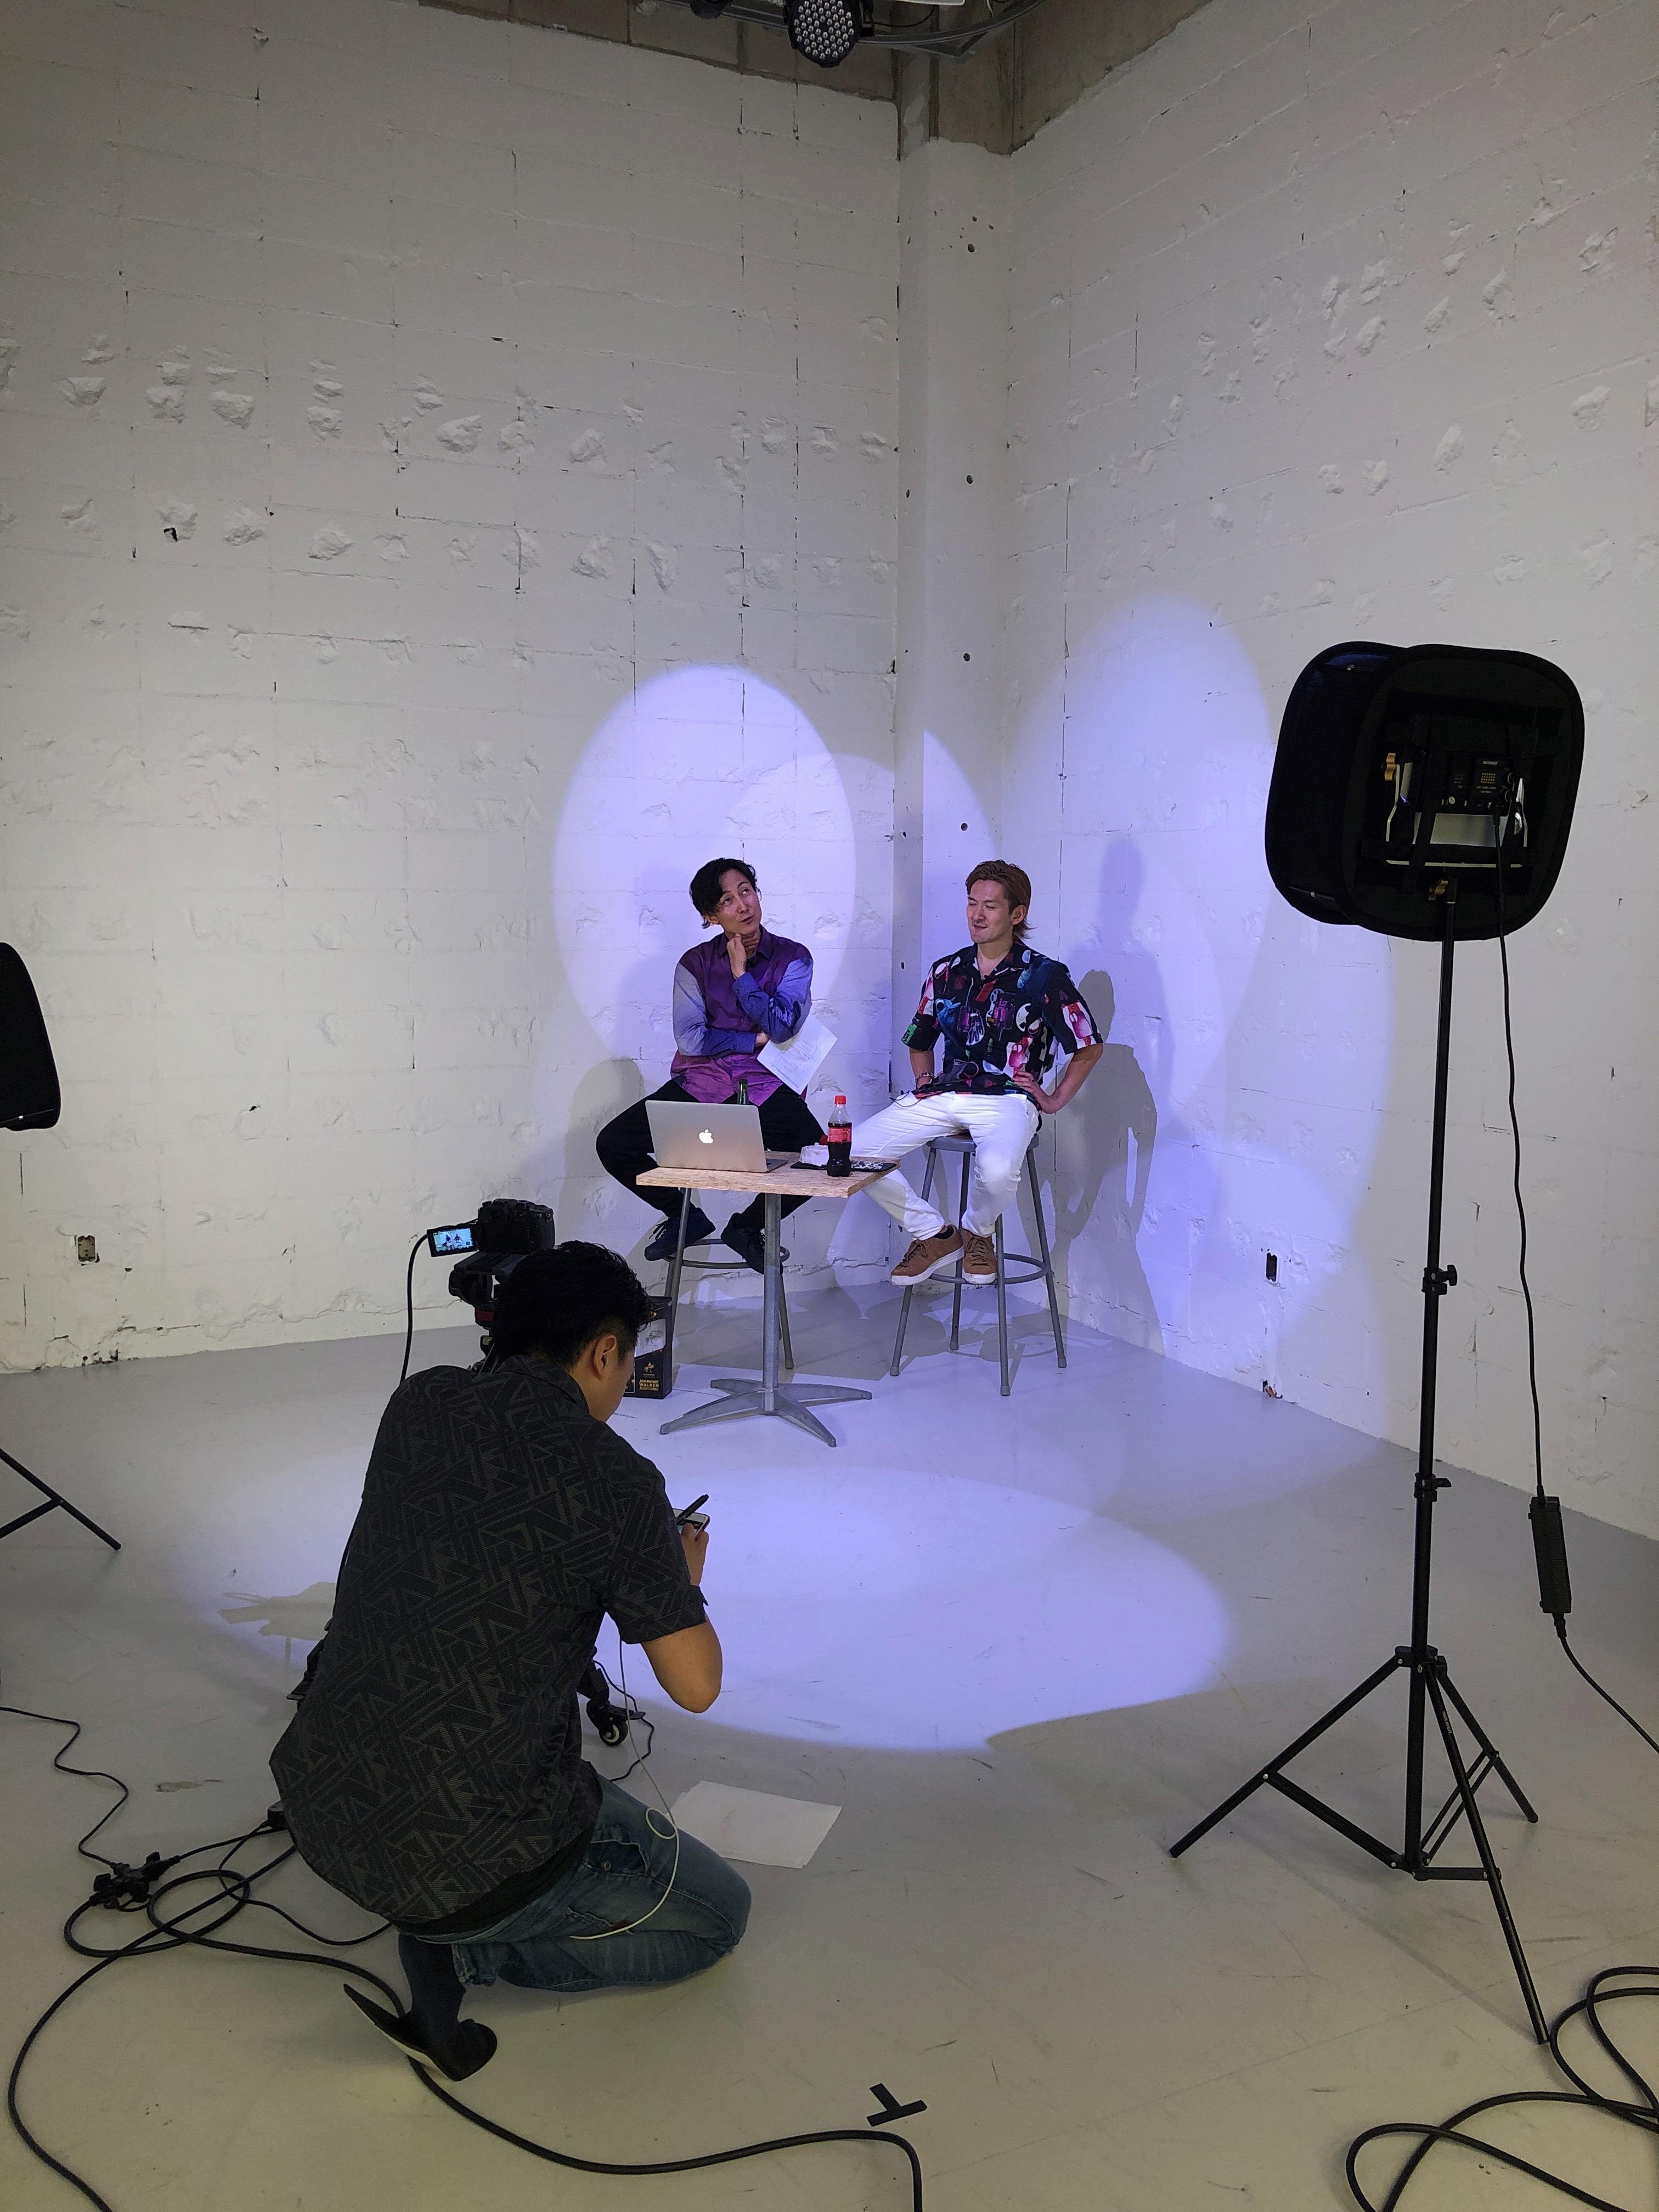 撮影や、有線LAN完備なのでライブ配信なども可能! - StreetDancePark C studioの室内の写真